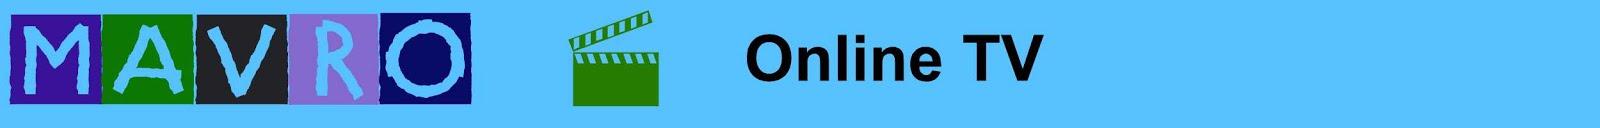 Онлайн ТВ / TV Online / ТНТ, Россия 24, Россия HD, СТС, Рен ТВ, ОРТ, НТВ, ТВ 3, Че, RU TV и другие